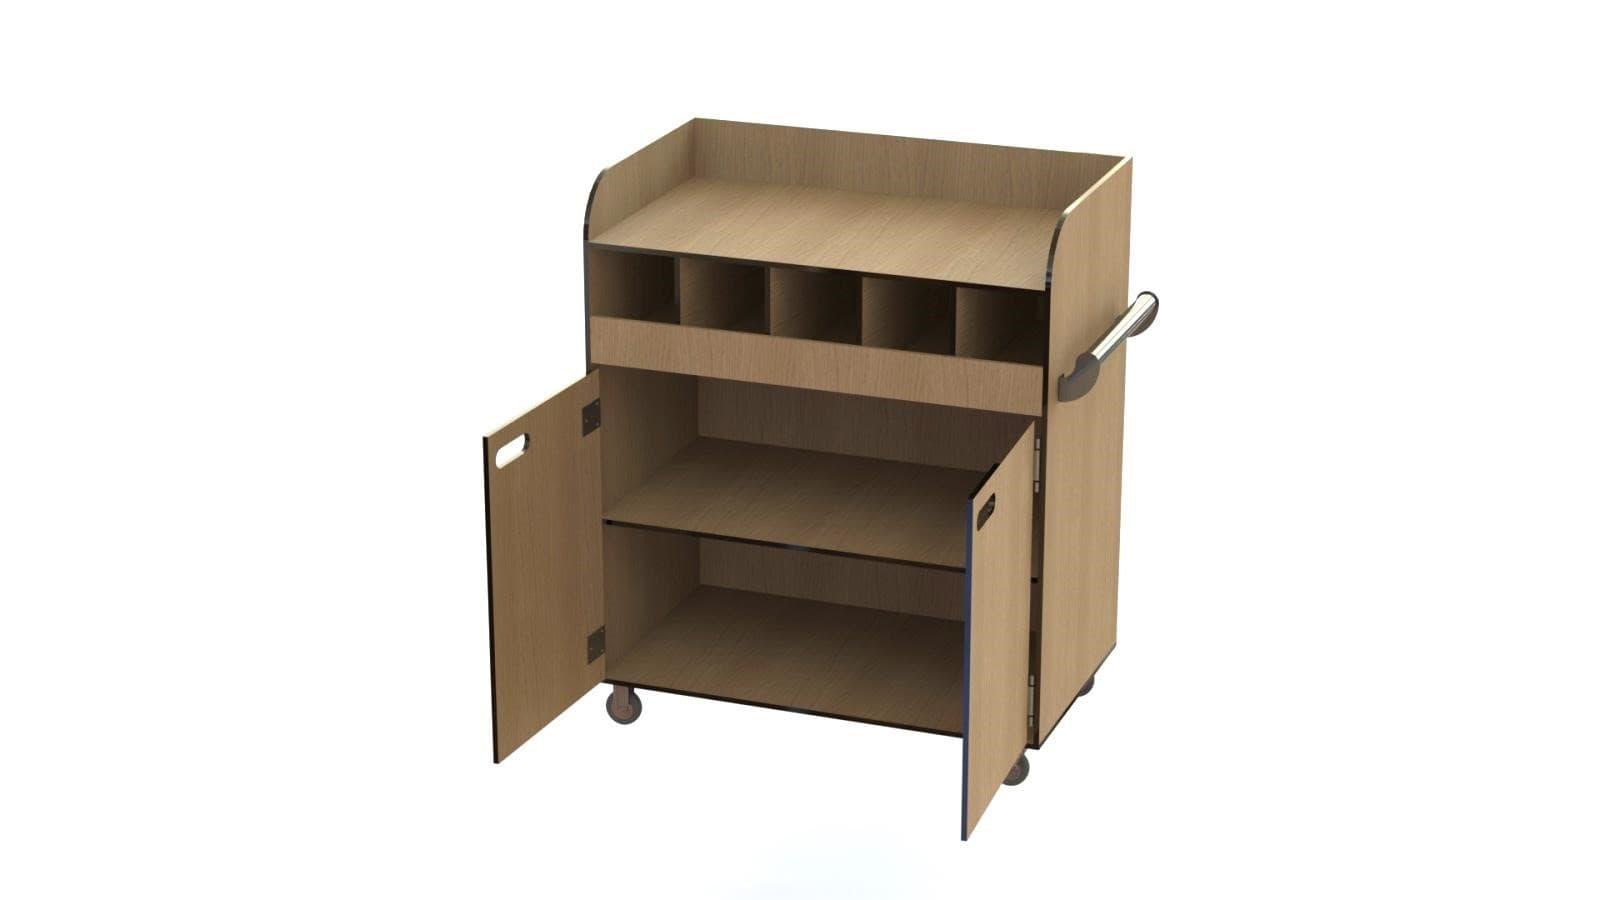 Achat de meubles en ligne maison design for Acheter meuble en ligne